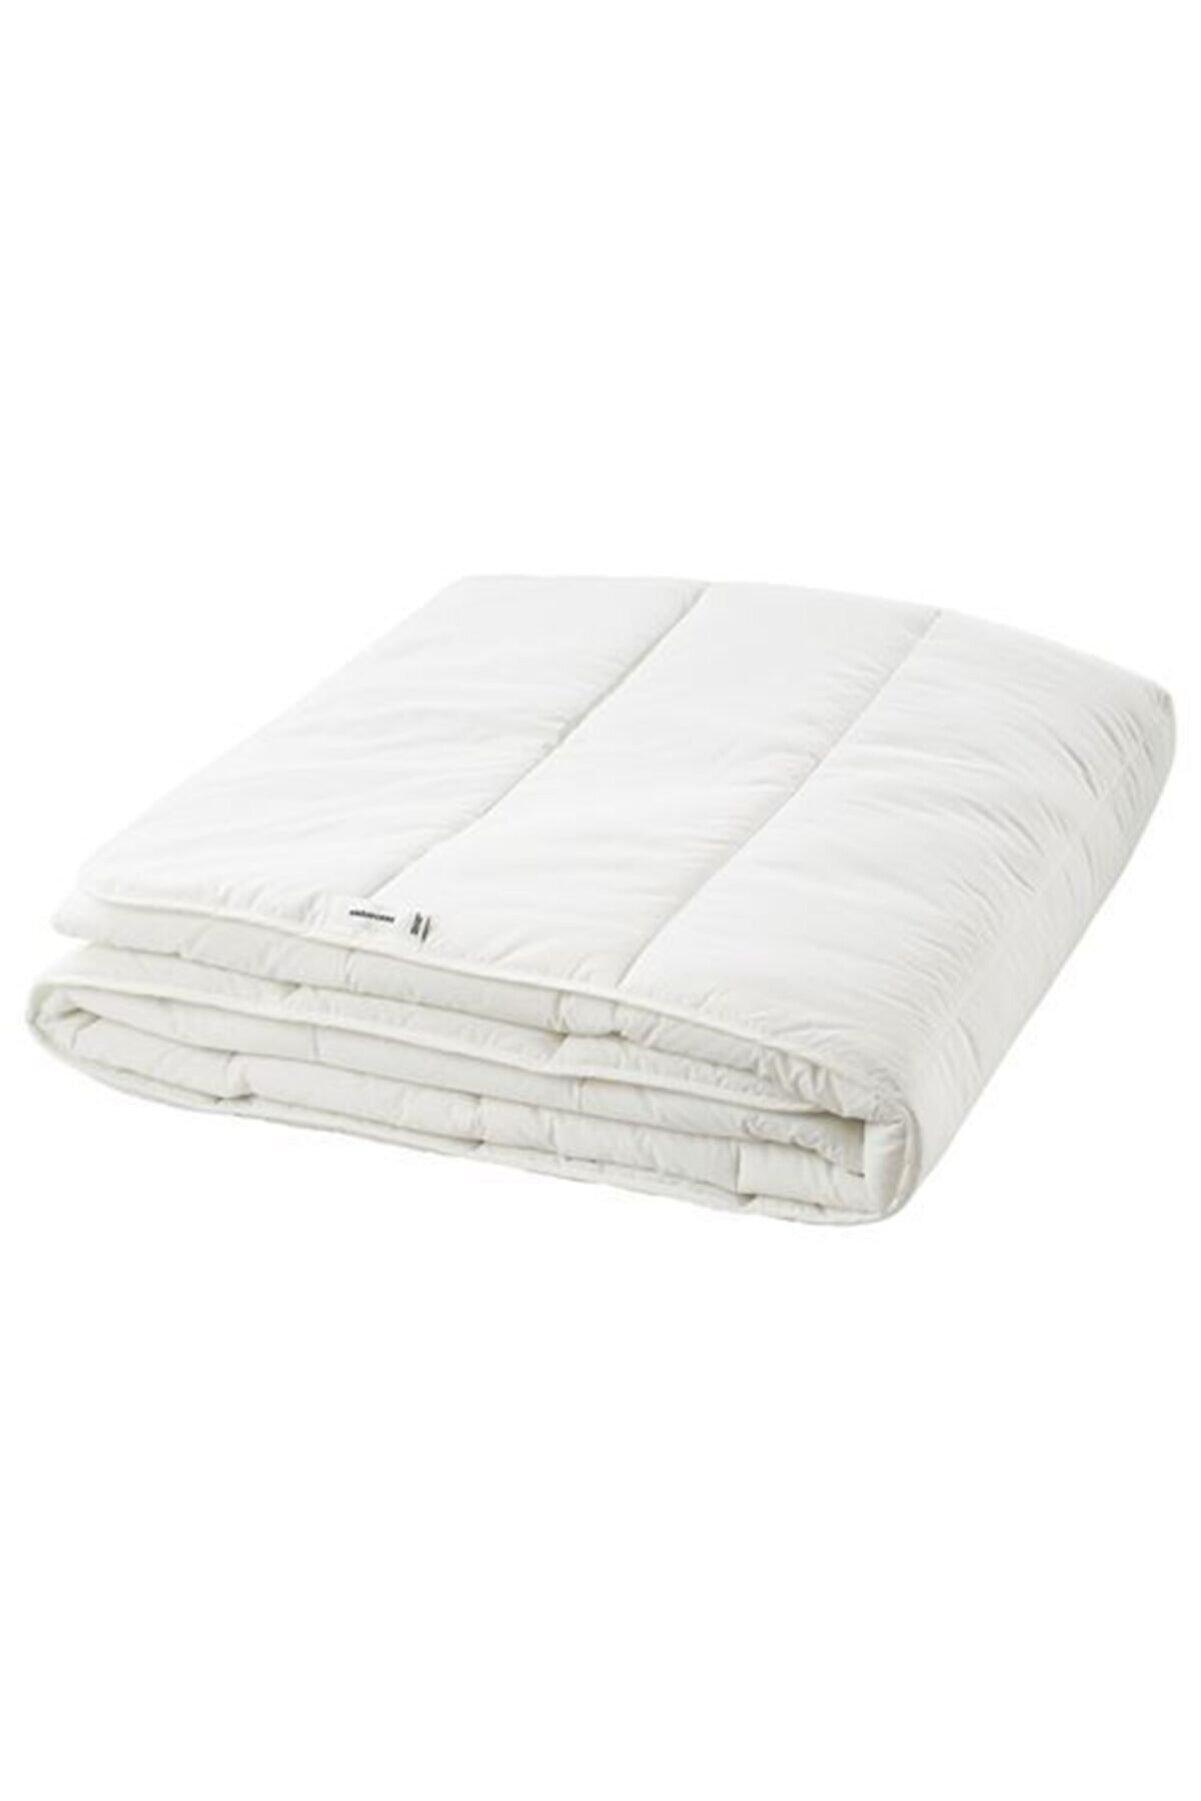 IKEA Çift Kişilik Yazlık Yorgan, Beyaz Renk 240x220 Cm Meridyendukkan Dolgu Oyuklu Lif